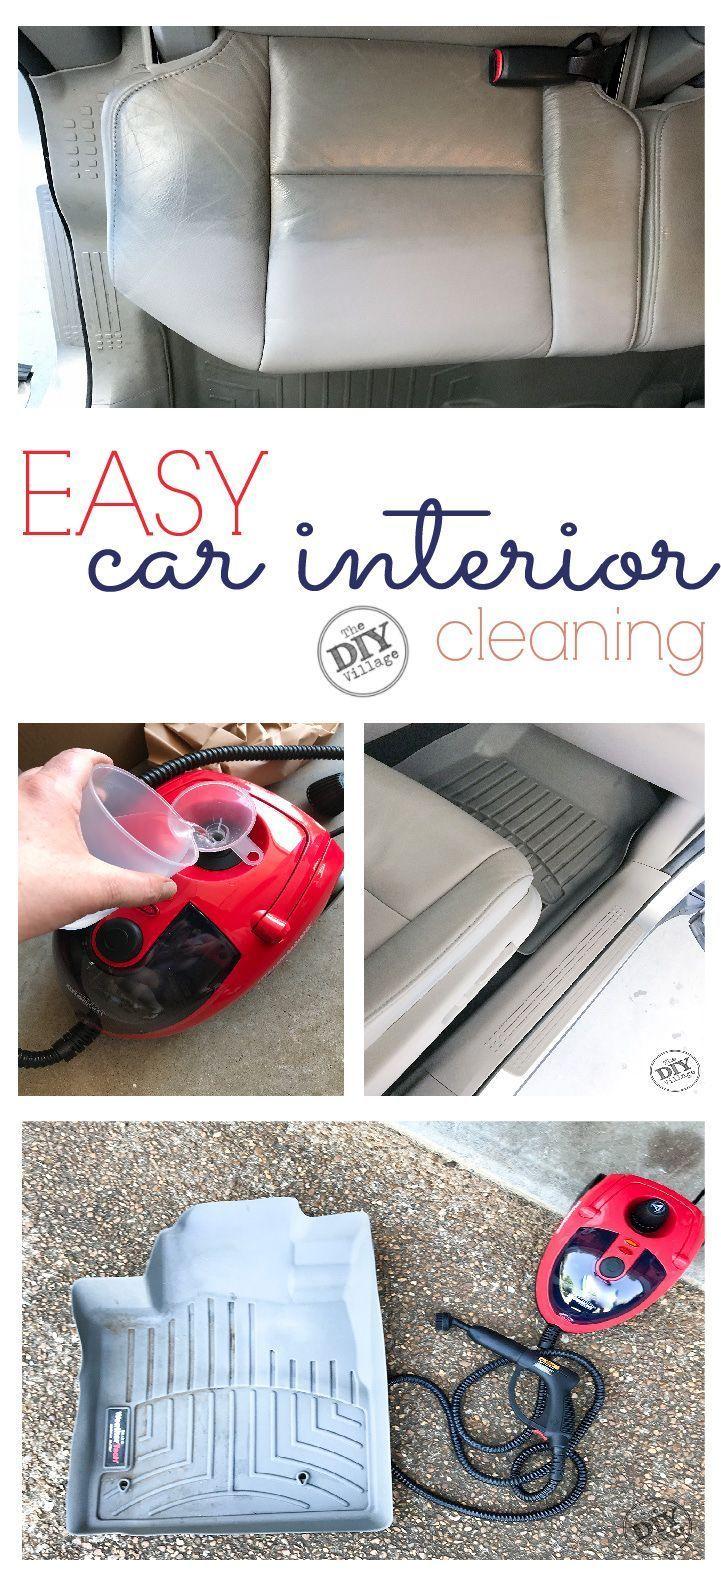 Clean Car Interior the Quick Way - The DIY Village